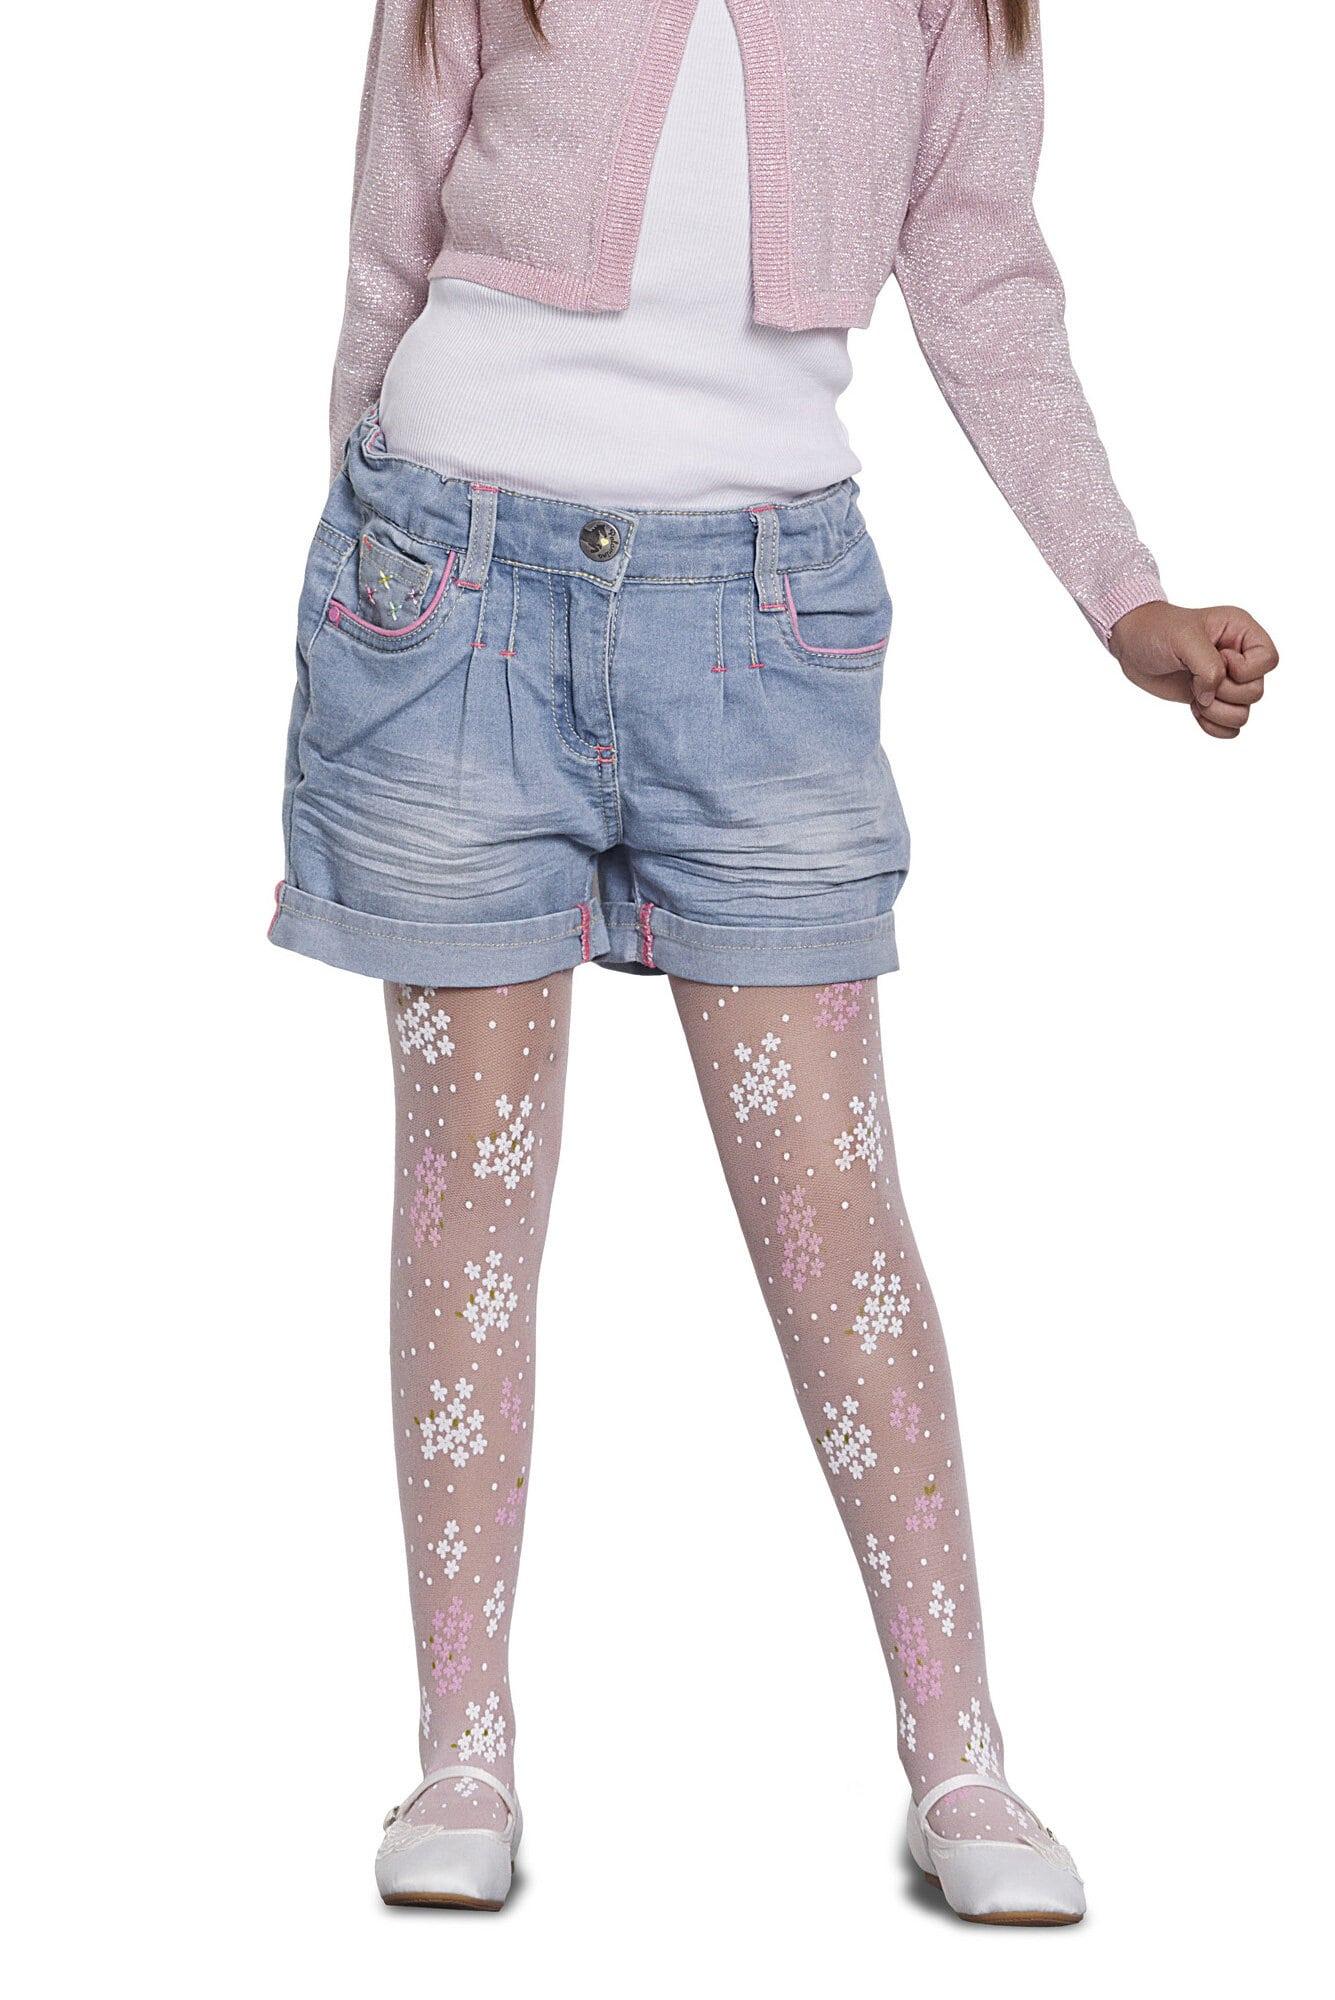 پنتی | Penti - جوراب شلواری طرحدار دخترانه پنتی Teresa سفید